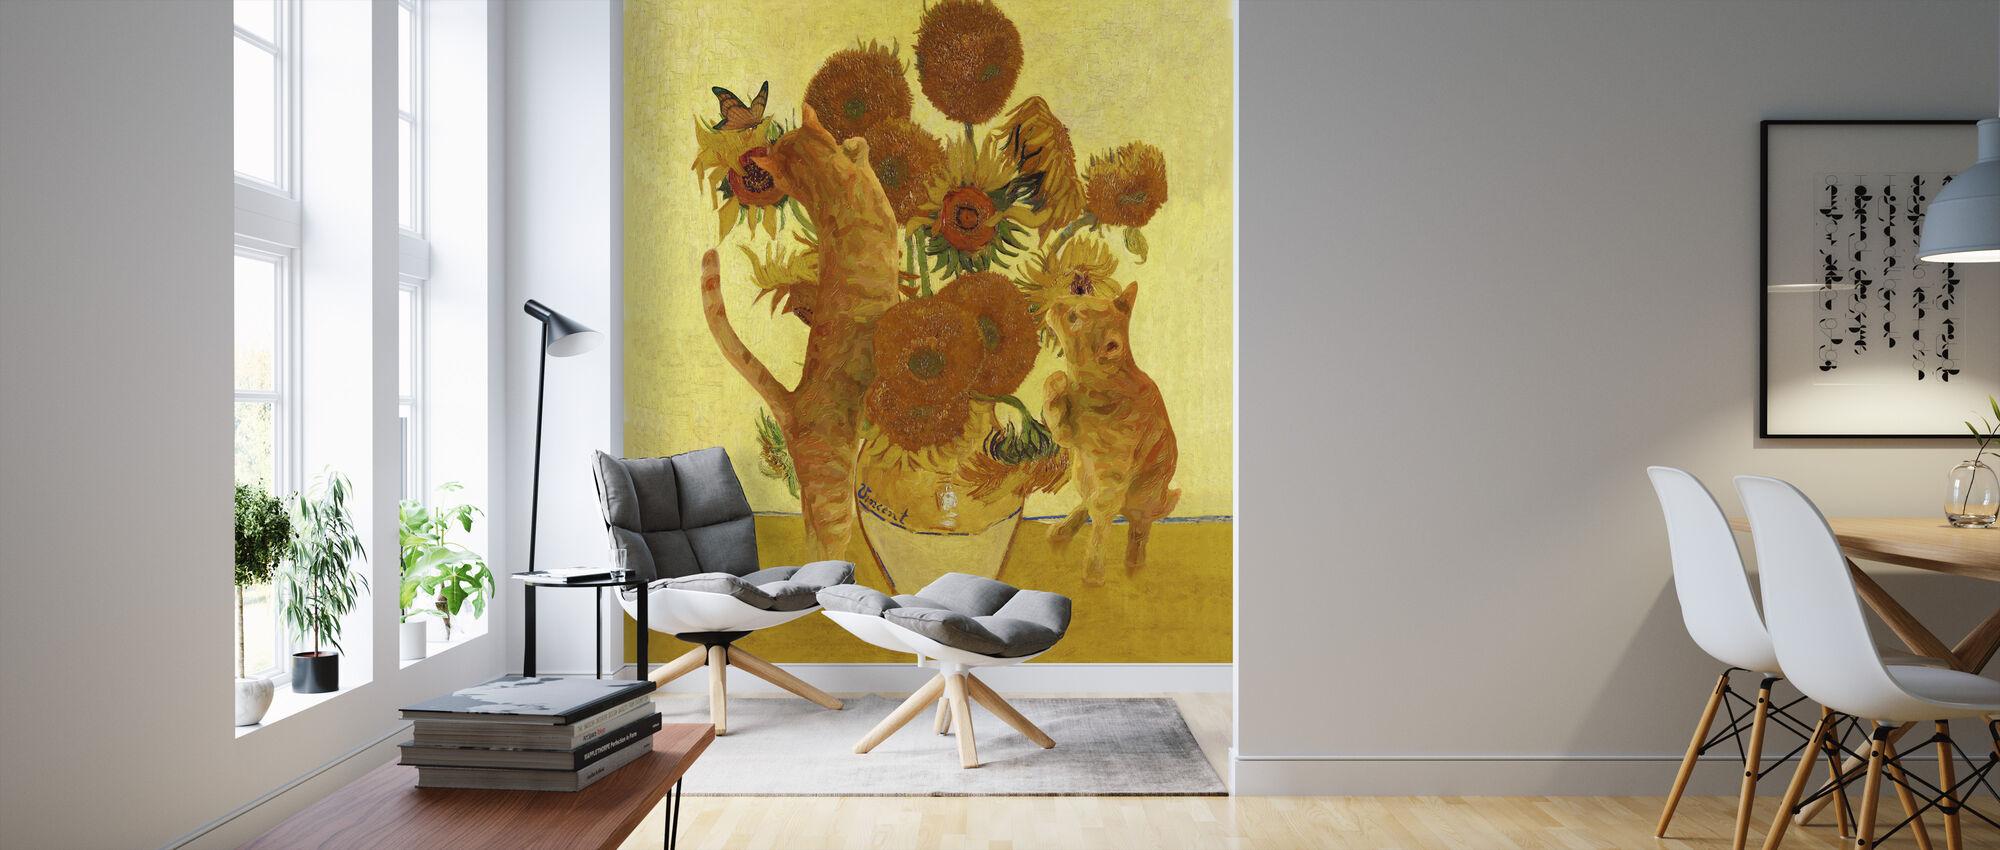 Vangogh Cats - Wallpaper - Living Room